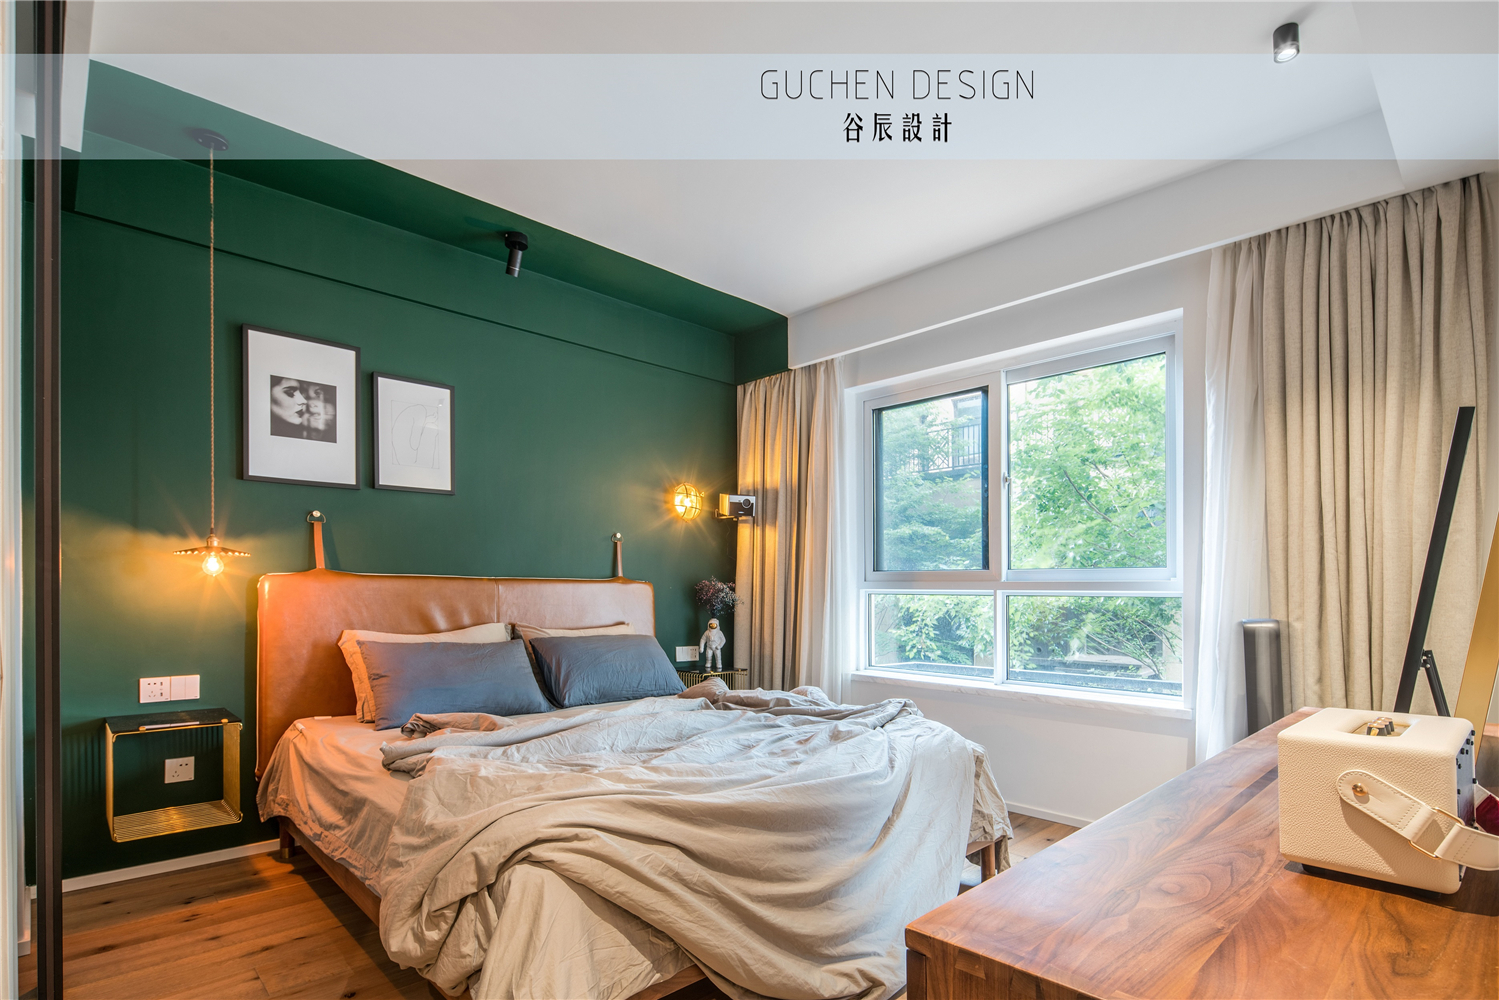 125㎡现代简约复式装修卧室效果图